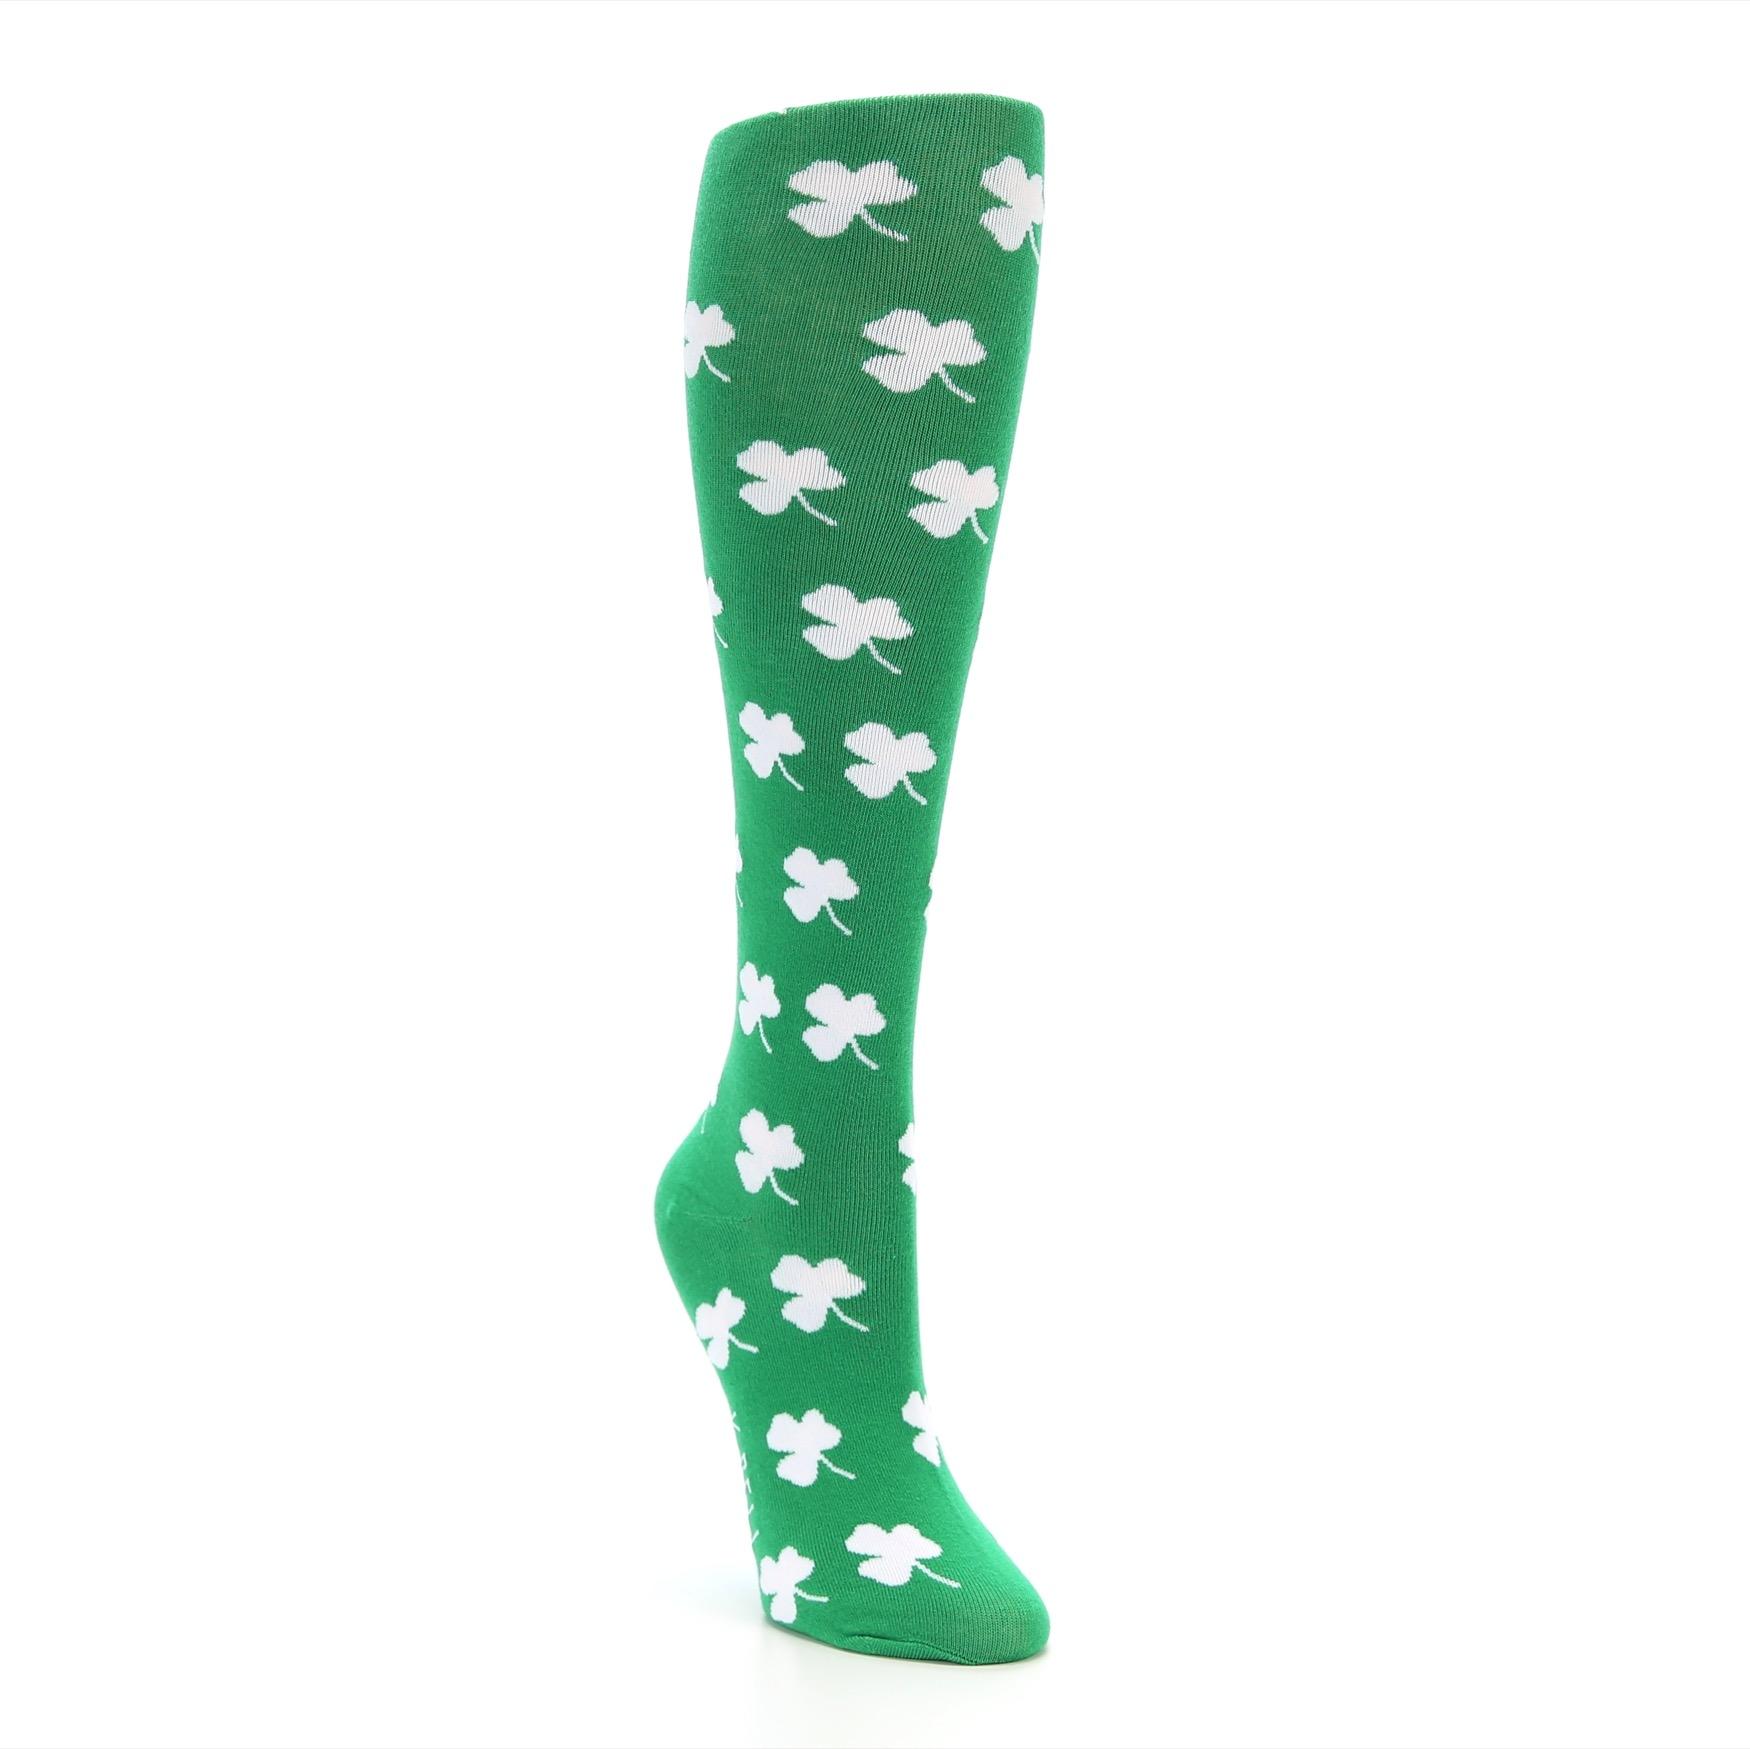 3114013b Green Shamrock Clover Women's Knee High Socks - K. Bell Socks